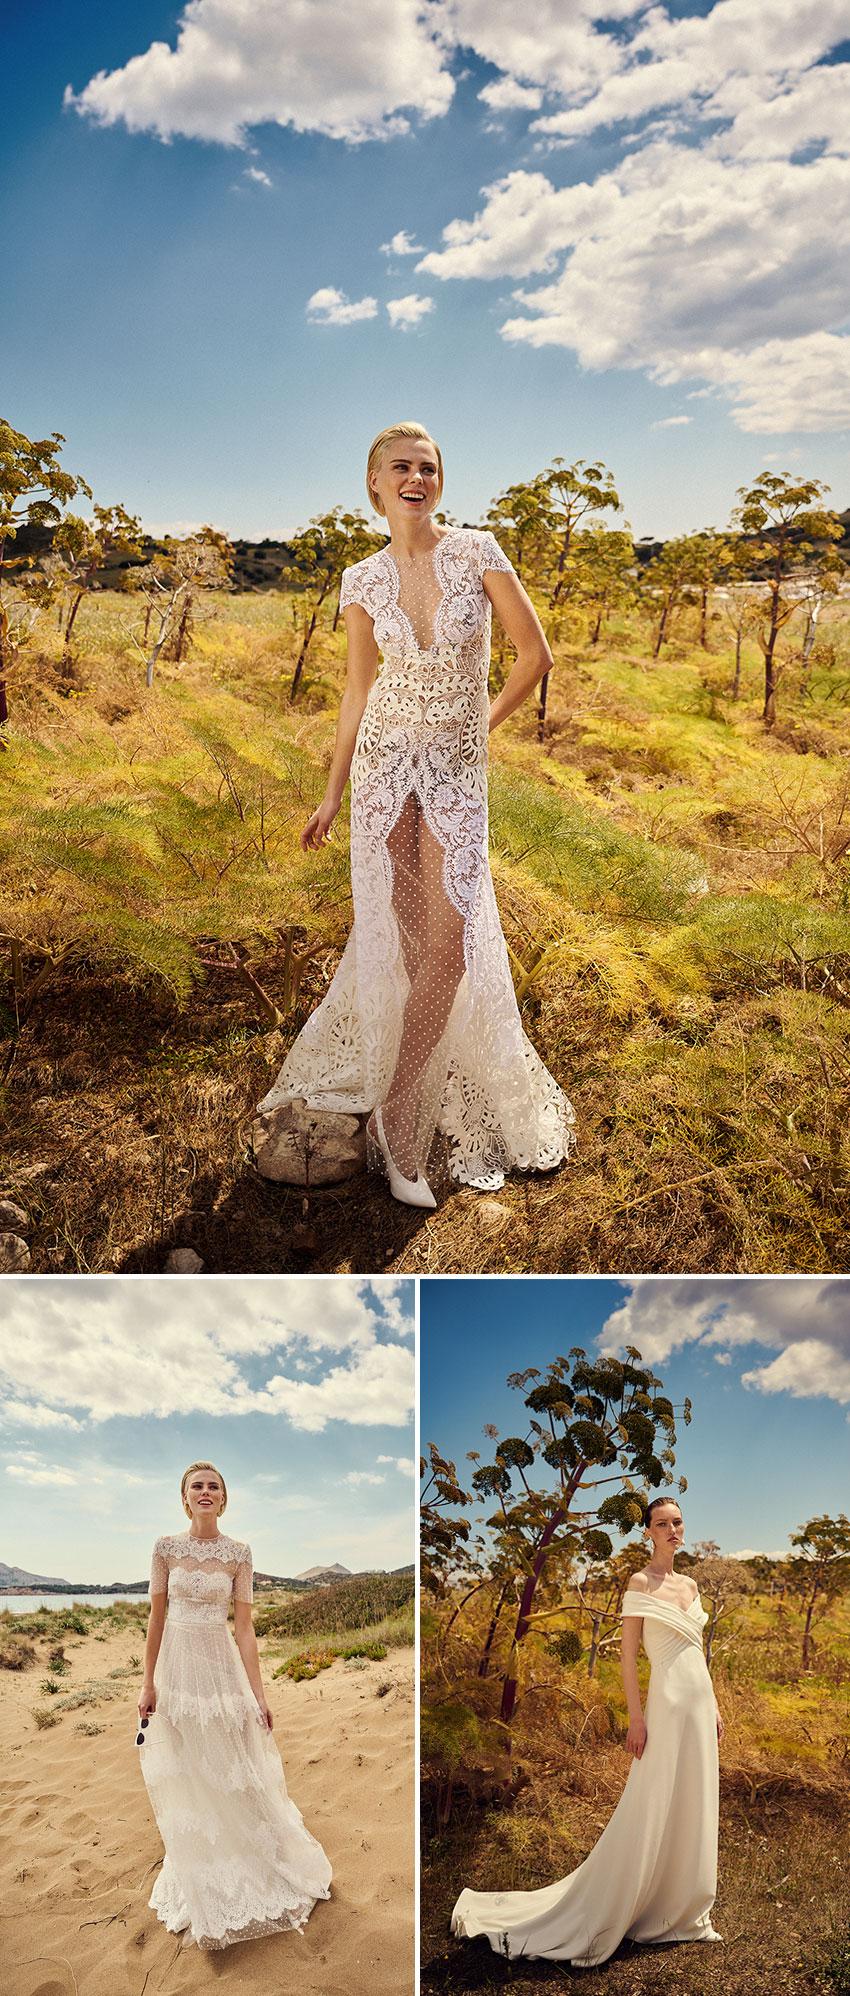 Costarellos Spring 2022 Bridal collection includes delicate seams on a pristine silk crepe dress